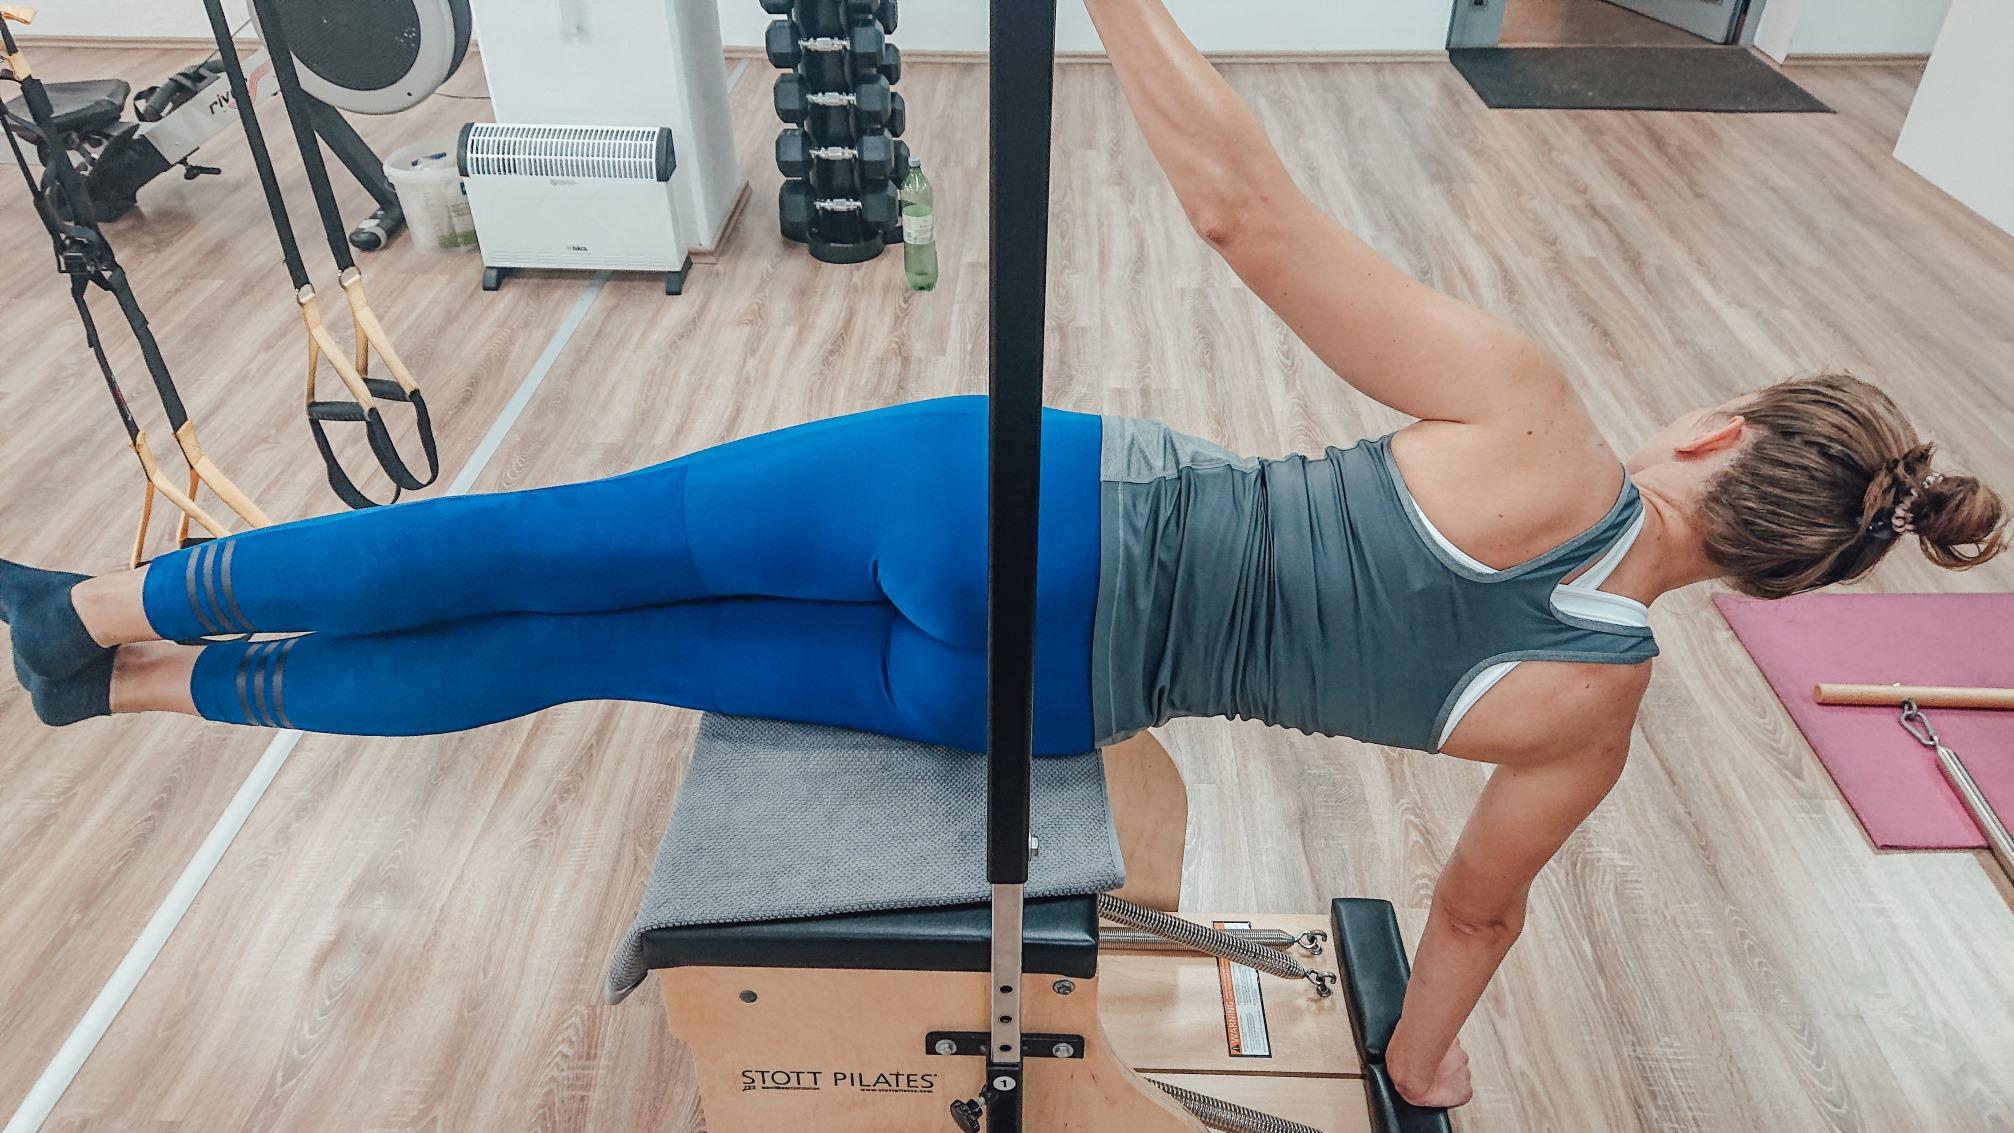 Ljeto na pilates spravama isprobala je veterinarka Saskia Sarvan